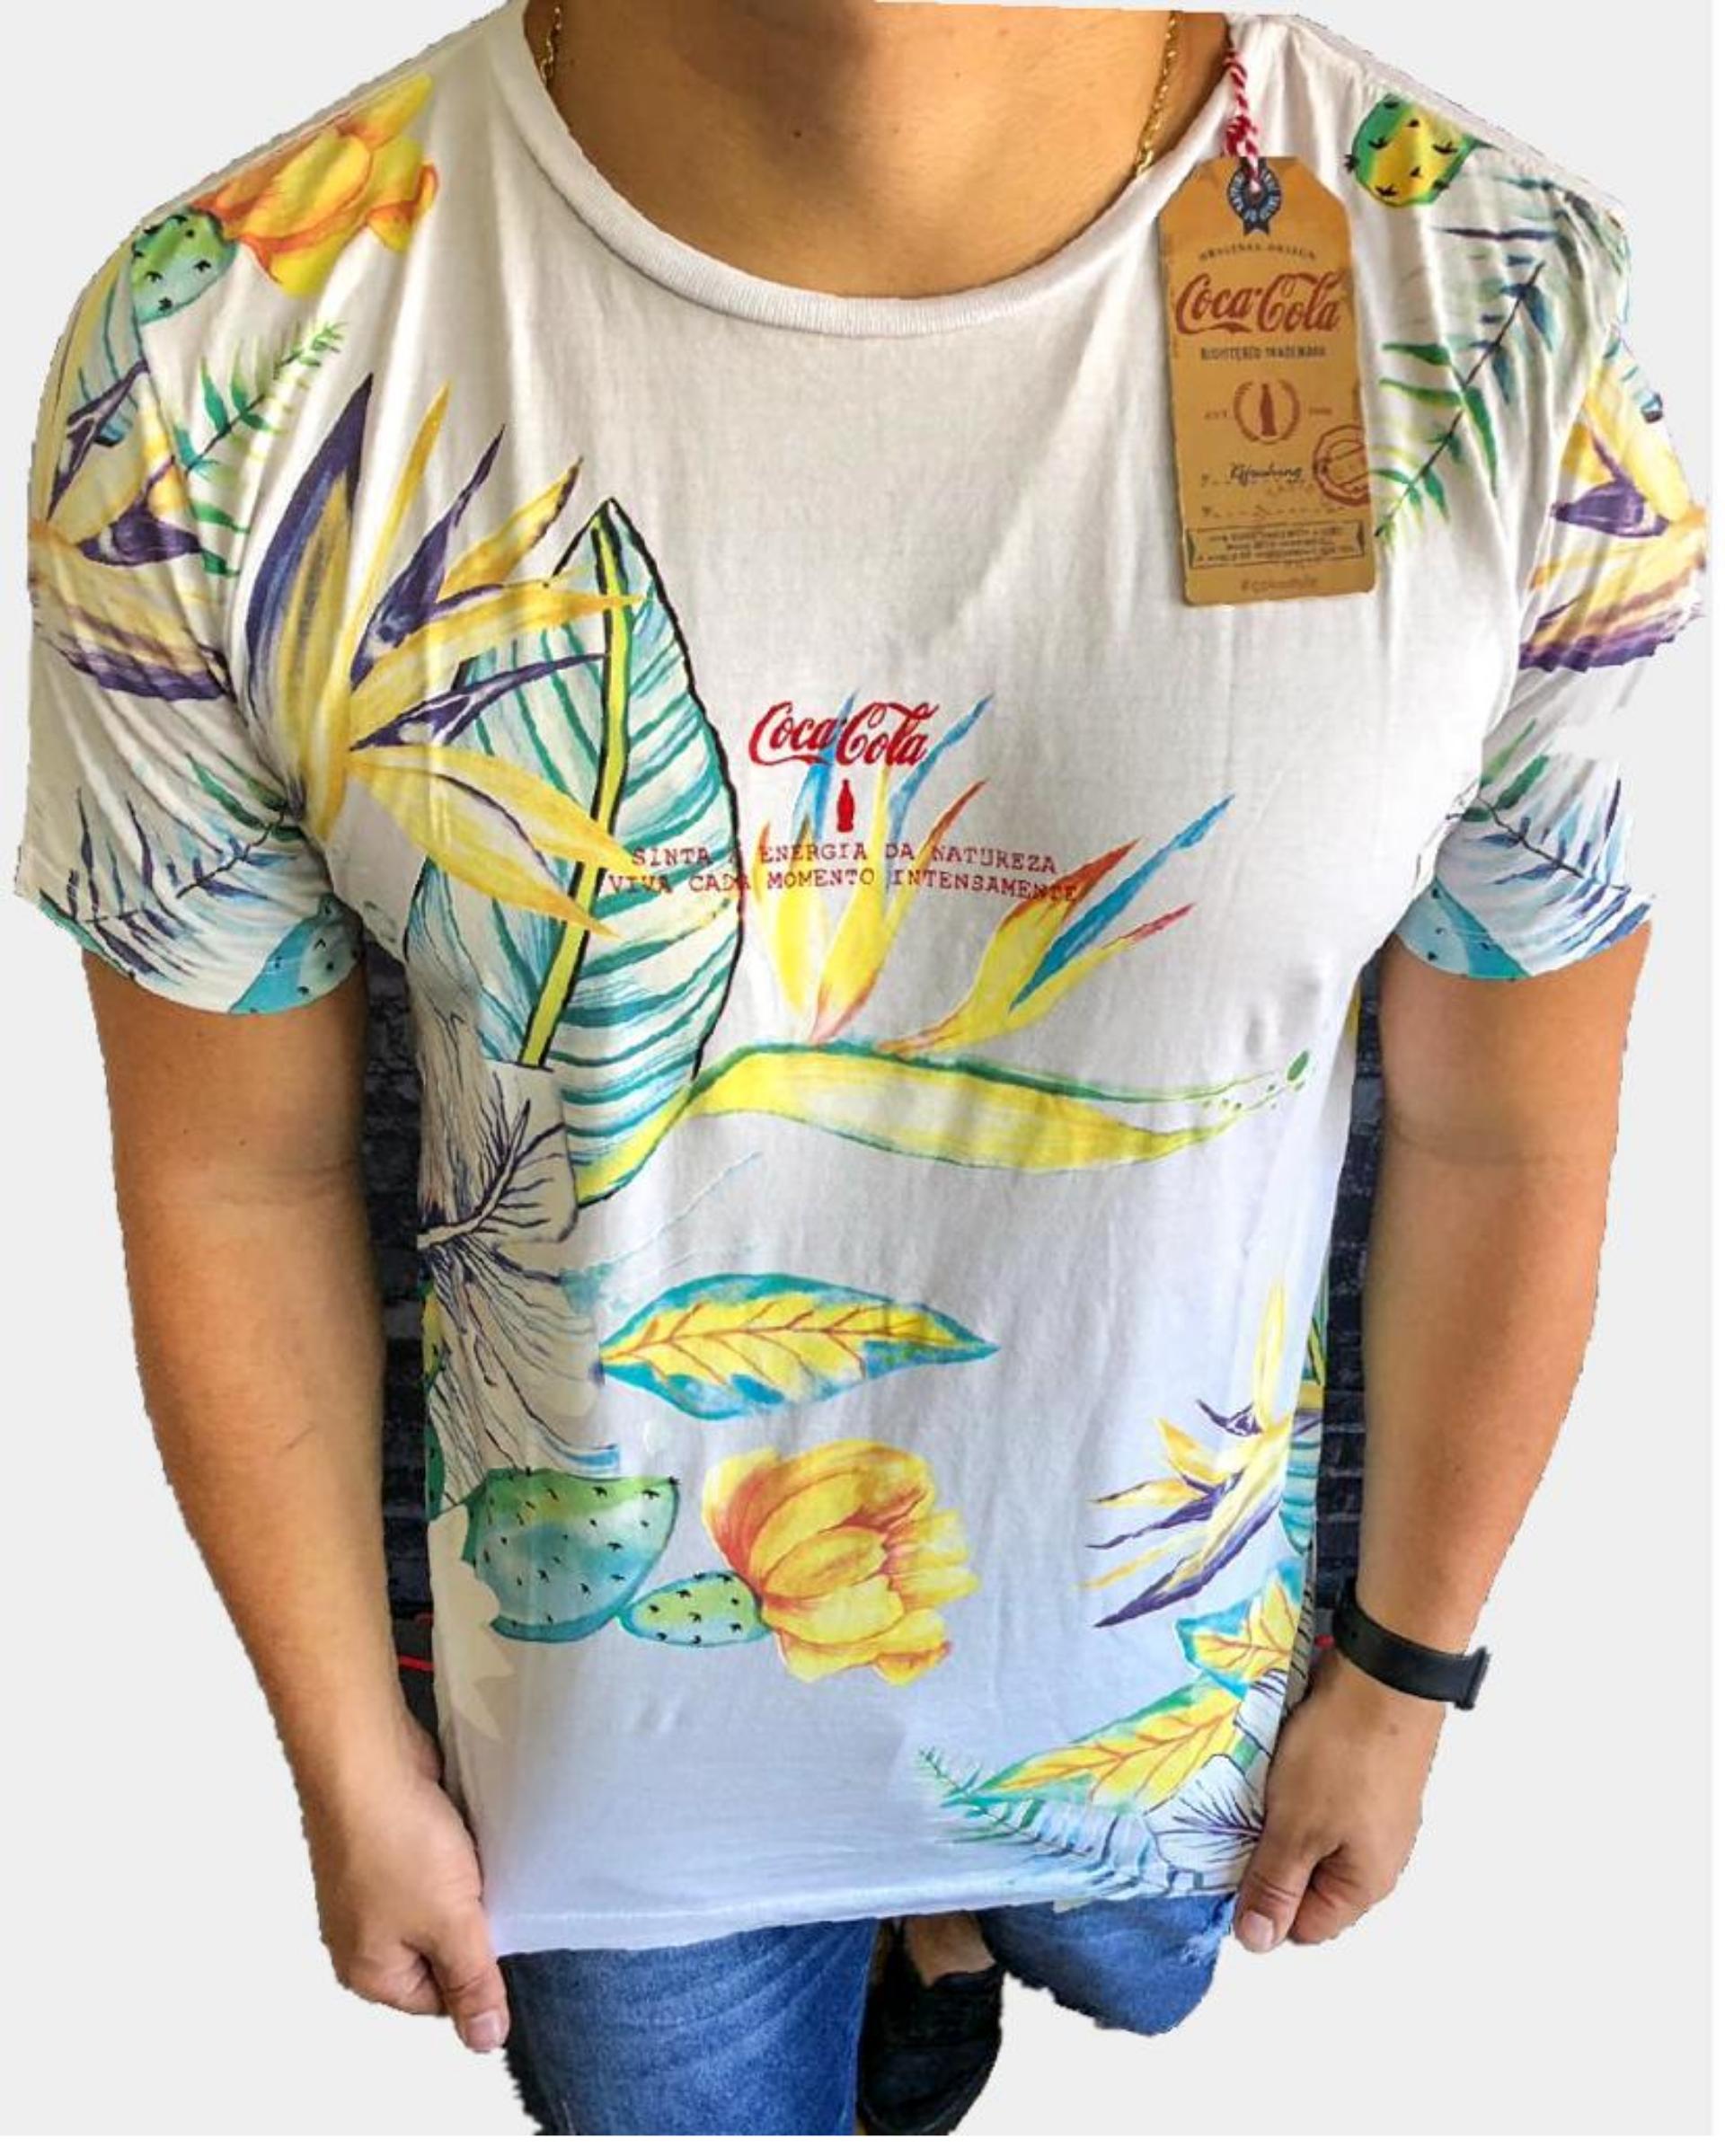 976e18f13 Kit 6 Camisas Masculinas promoção Atacado Revenda oferta Camisas masculinas  em atacado são buscadas por dezenas